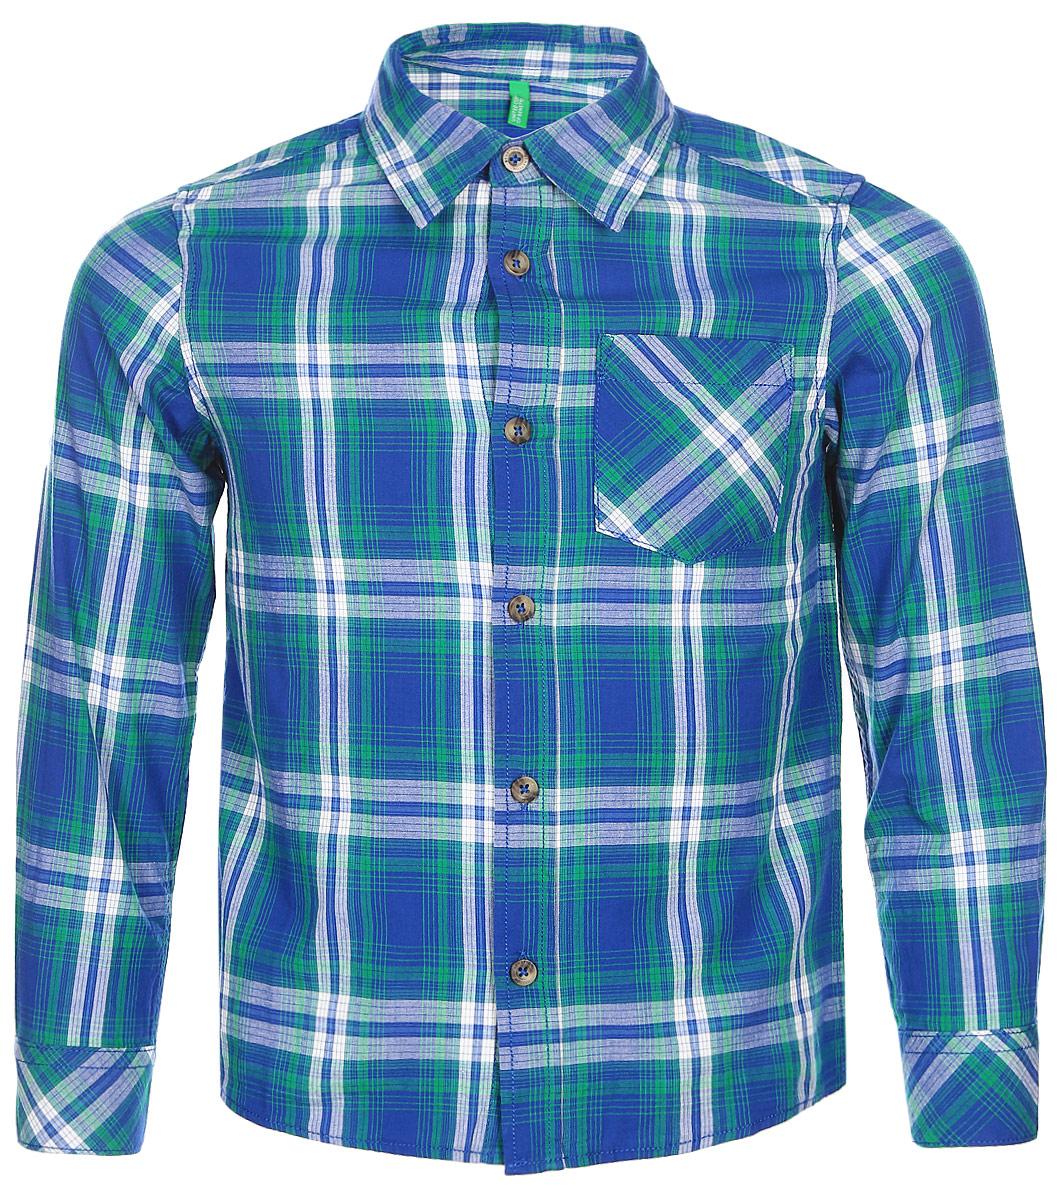 Рубашка для мальчика United Colors of Benetton, цвет: синий, зеленый, белый. 5FU95Q930_929. Размер 1105FU95Q930_929Рубашка для мальчика United Colors of Benetton выполнена из натурального хлопка. Модель с отложным воротником застёгивается на пуговицы.